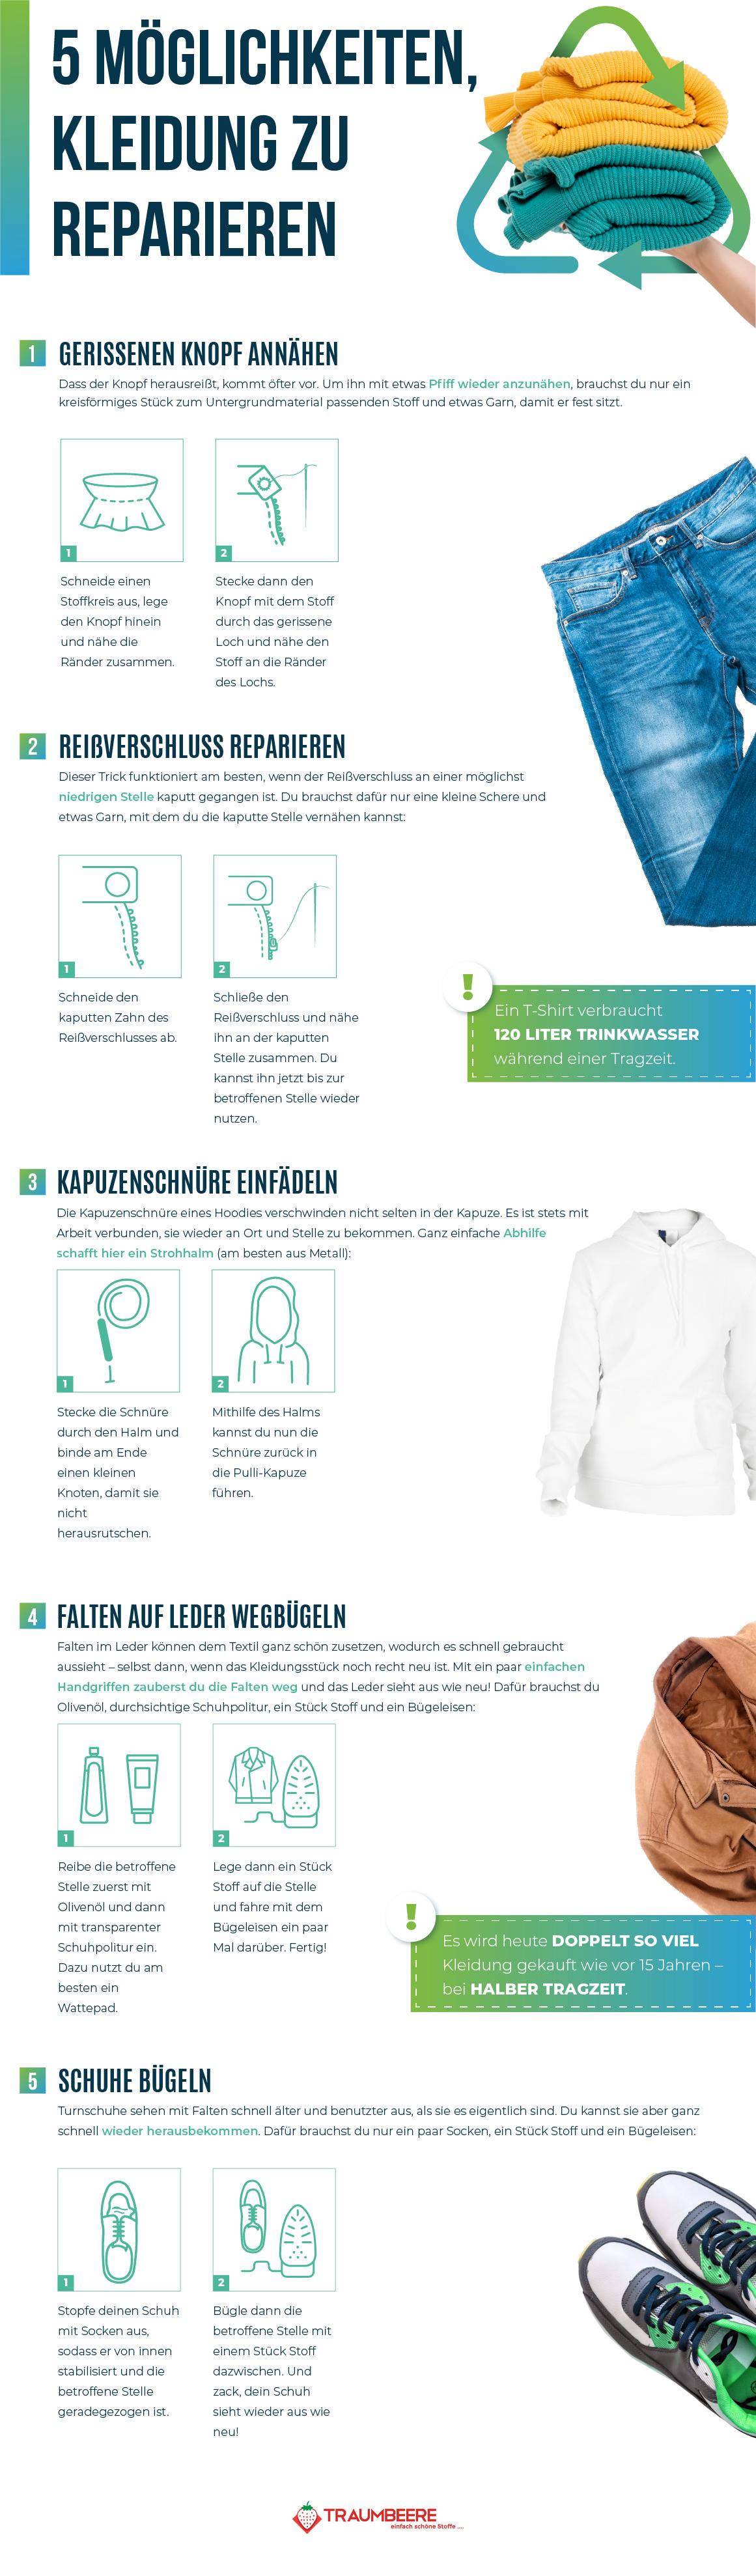 5 Möglichkeiten, Kleidung zu reparieren